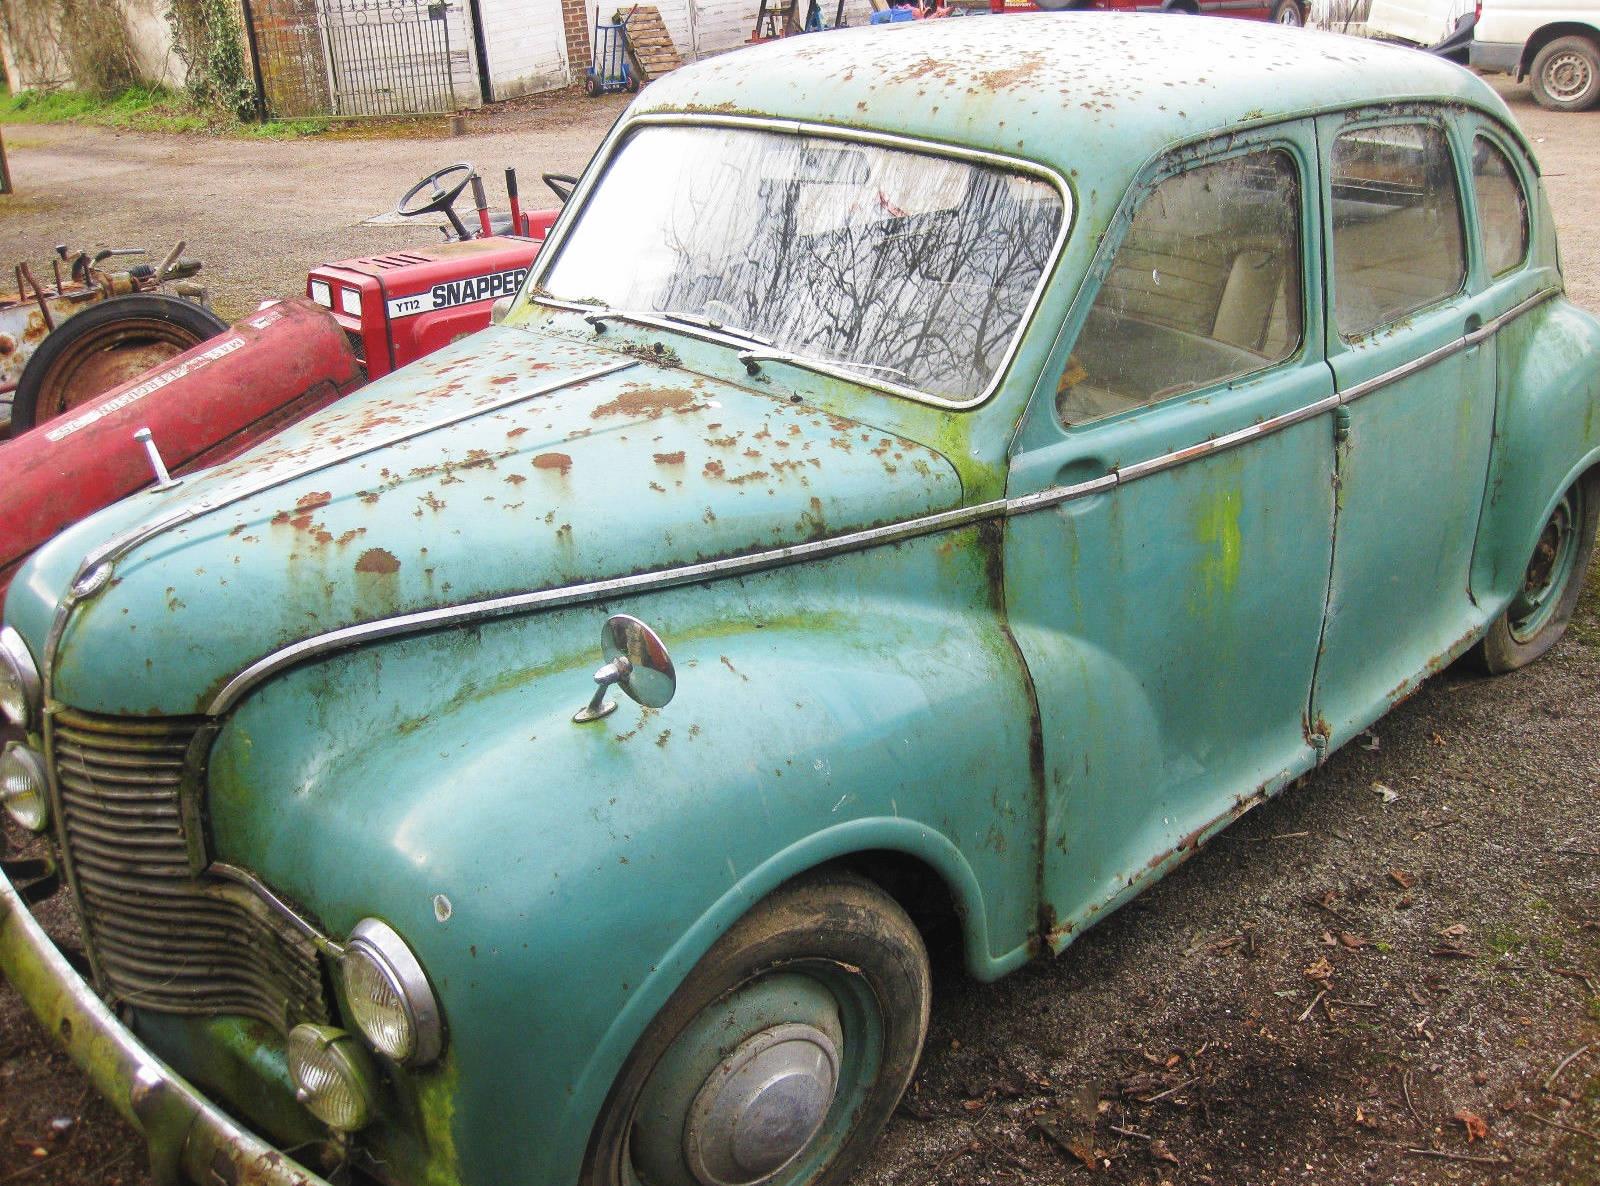 1955 dodge royal barn find for sale - 1955 Dodge Royal Barn Find For Sale 33